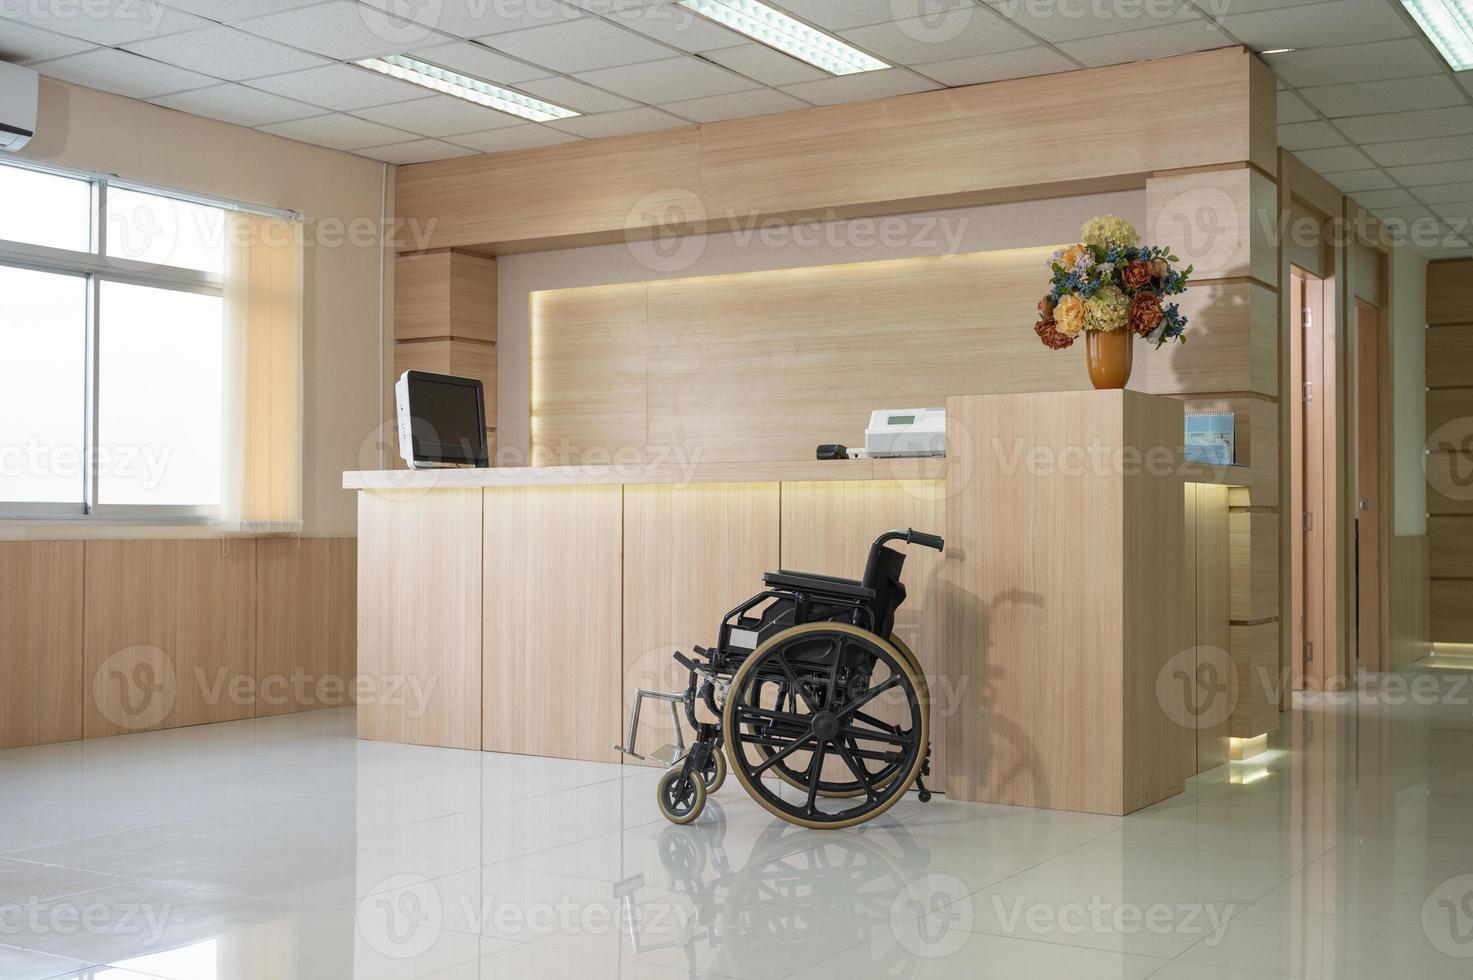 Mostrador de recepción de madera moderno vacío con monitor y silla de ruedas en el hospital foto